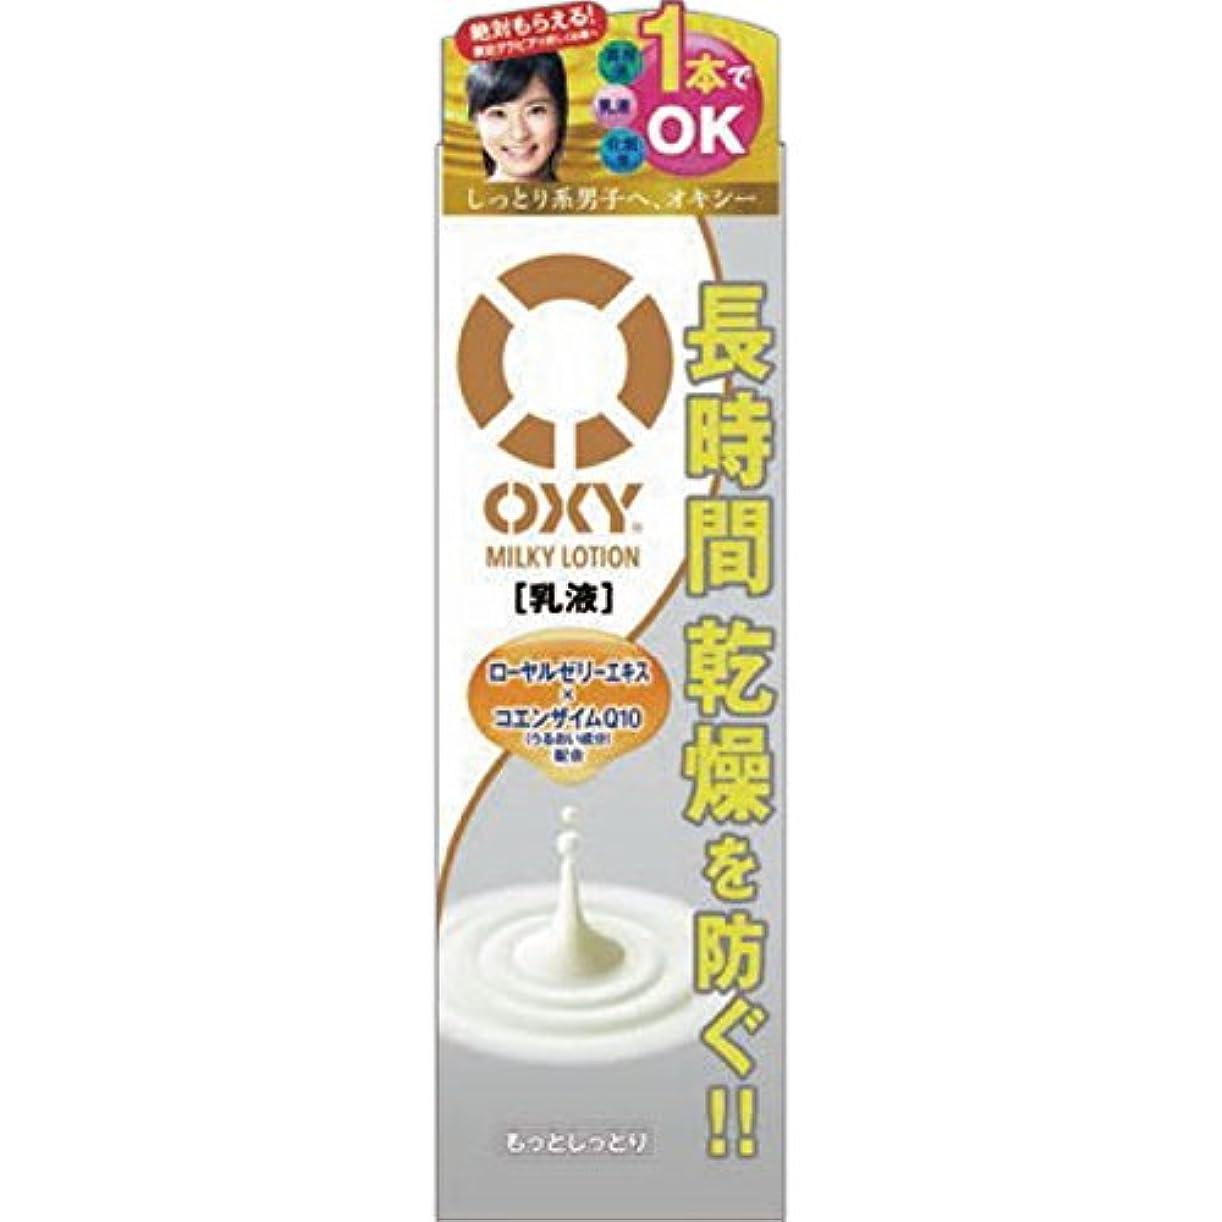 口濃度ペルセウスオキシー (Oxy) ミルキーローション オールインワン乳液 スーパーヒアルロン酸×ローヤルゼリー配合 ゼラニウムの香 170mL